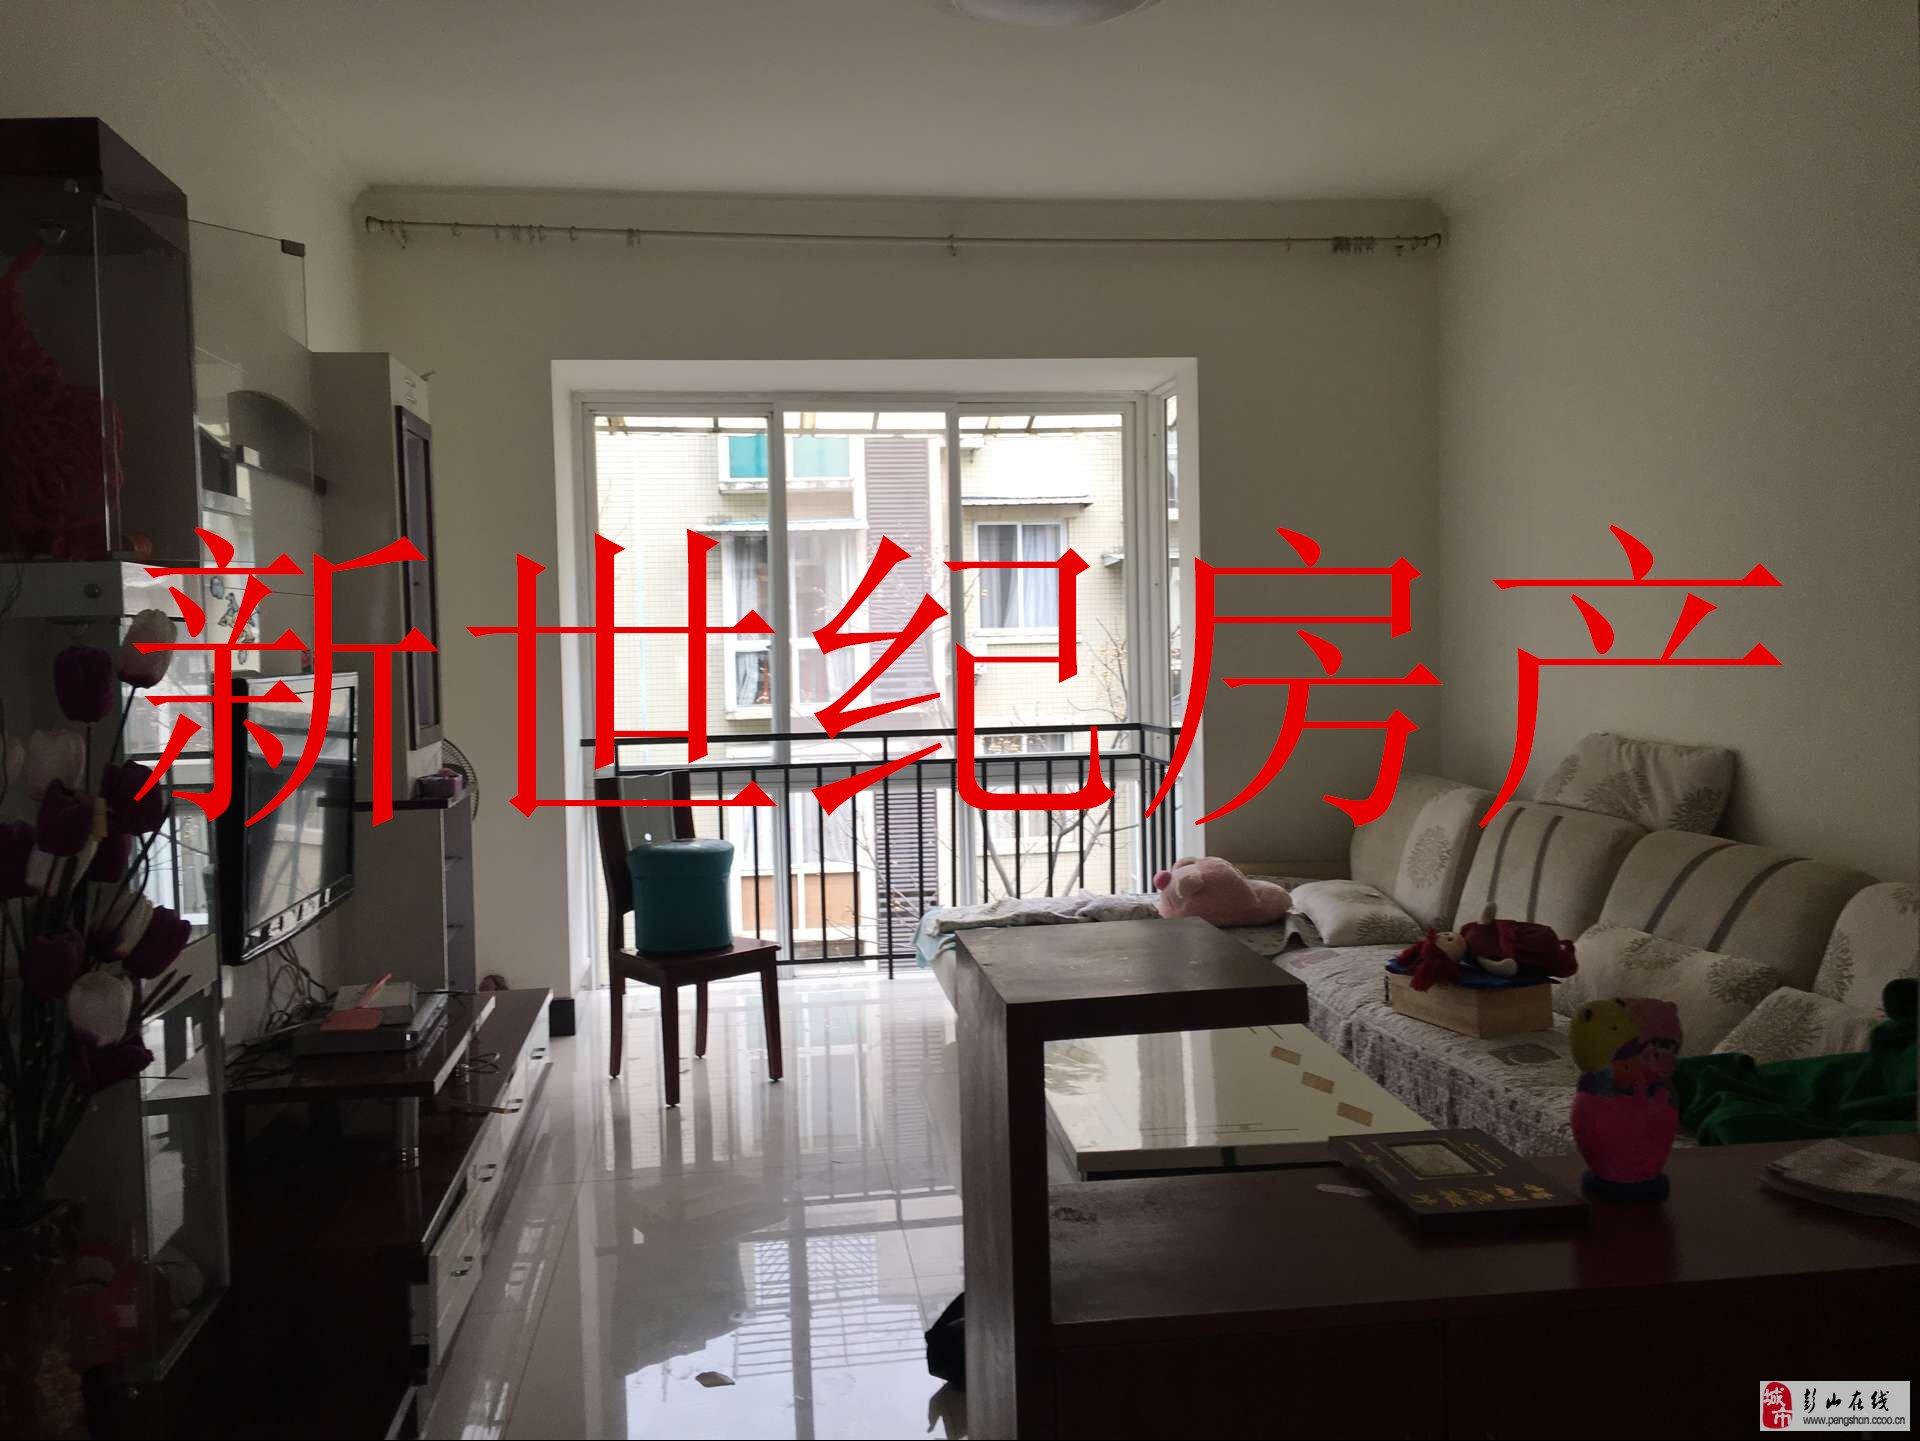 粼江风景,精装居家,5楼2房,急租